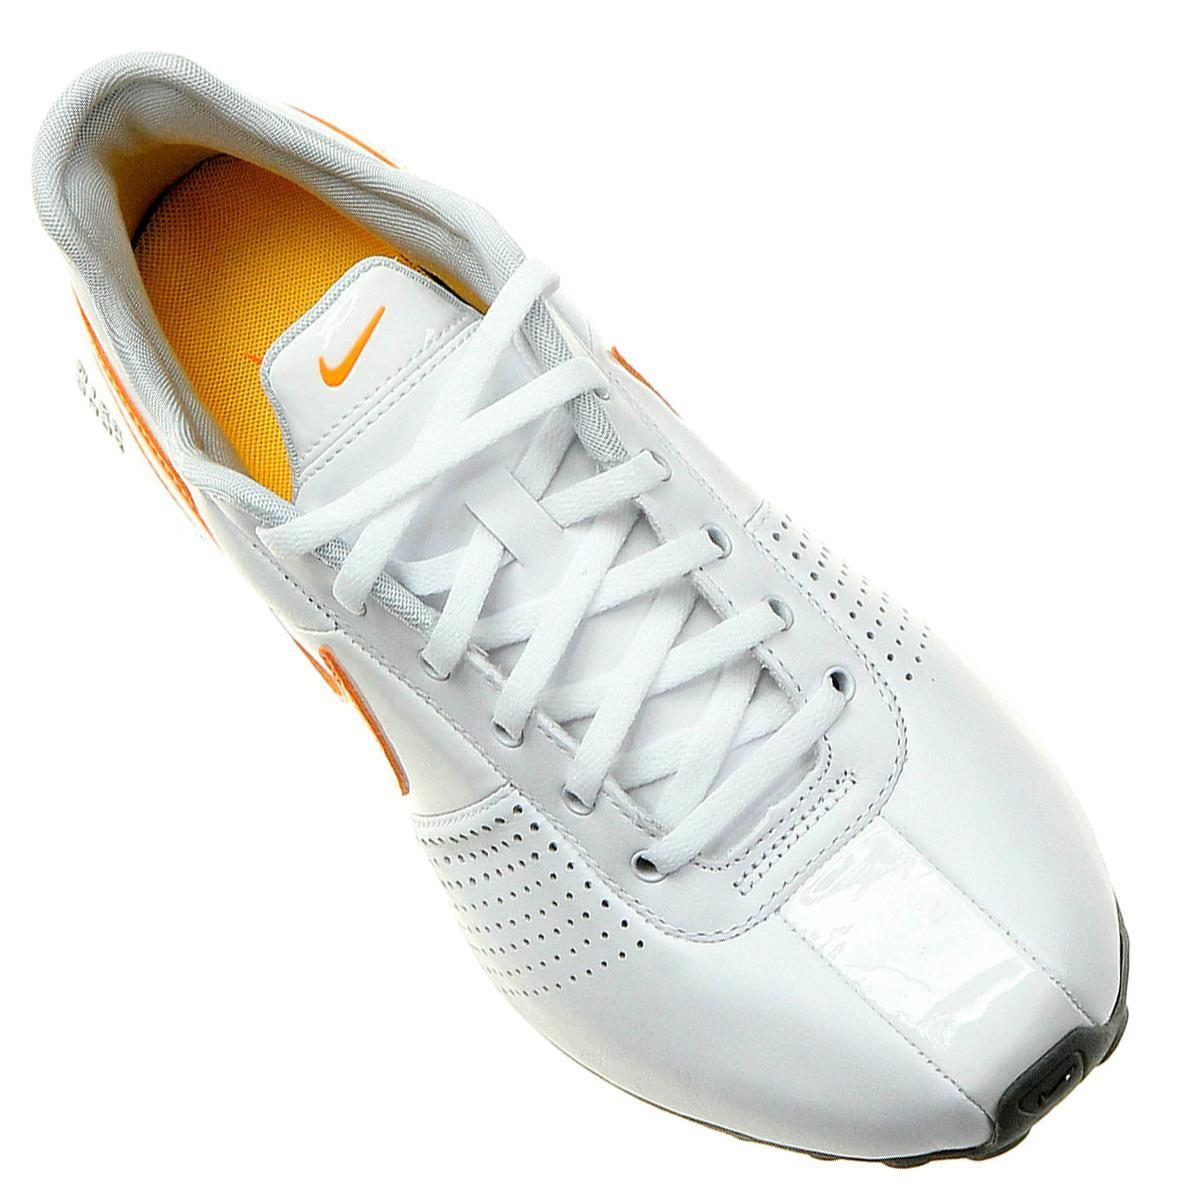 Tênis Nike Shox Deliver - Compre Agora  fa049c17ae9